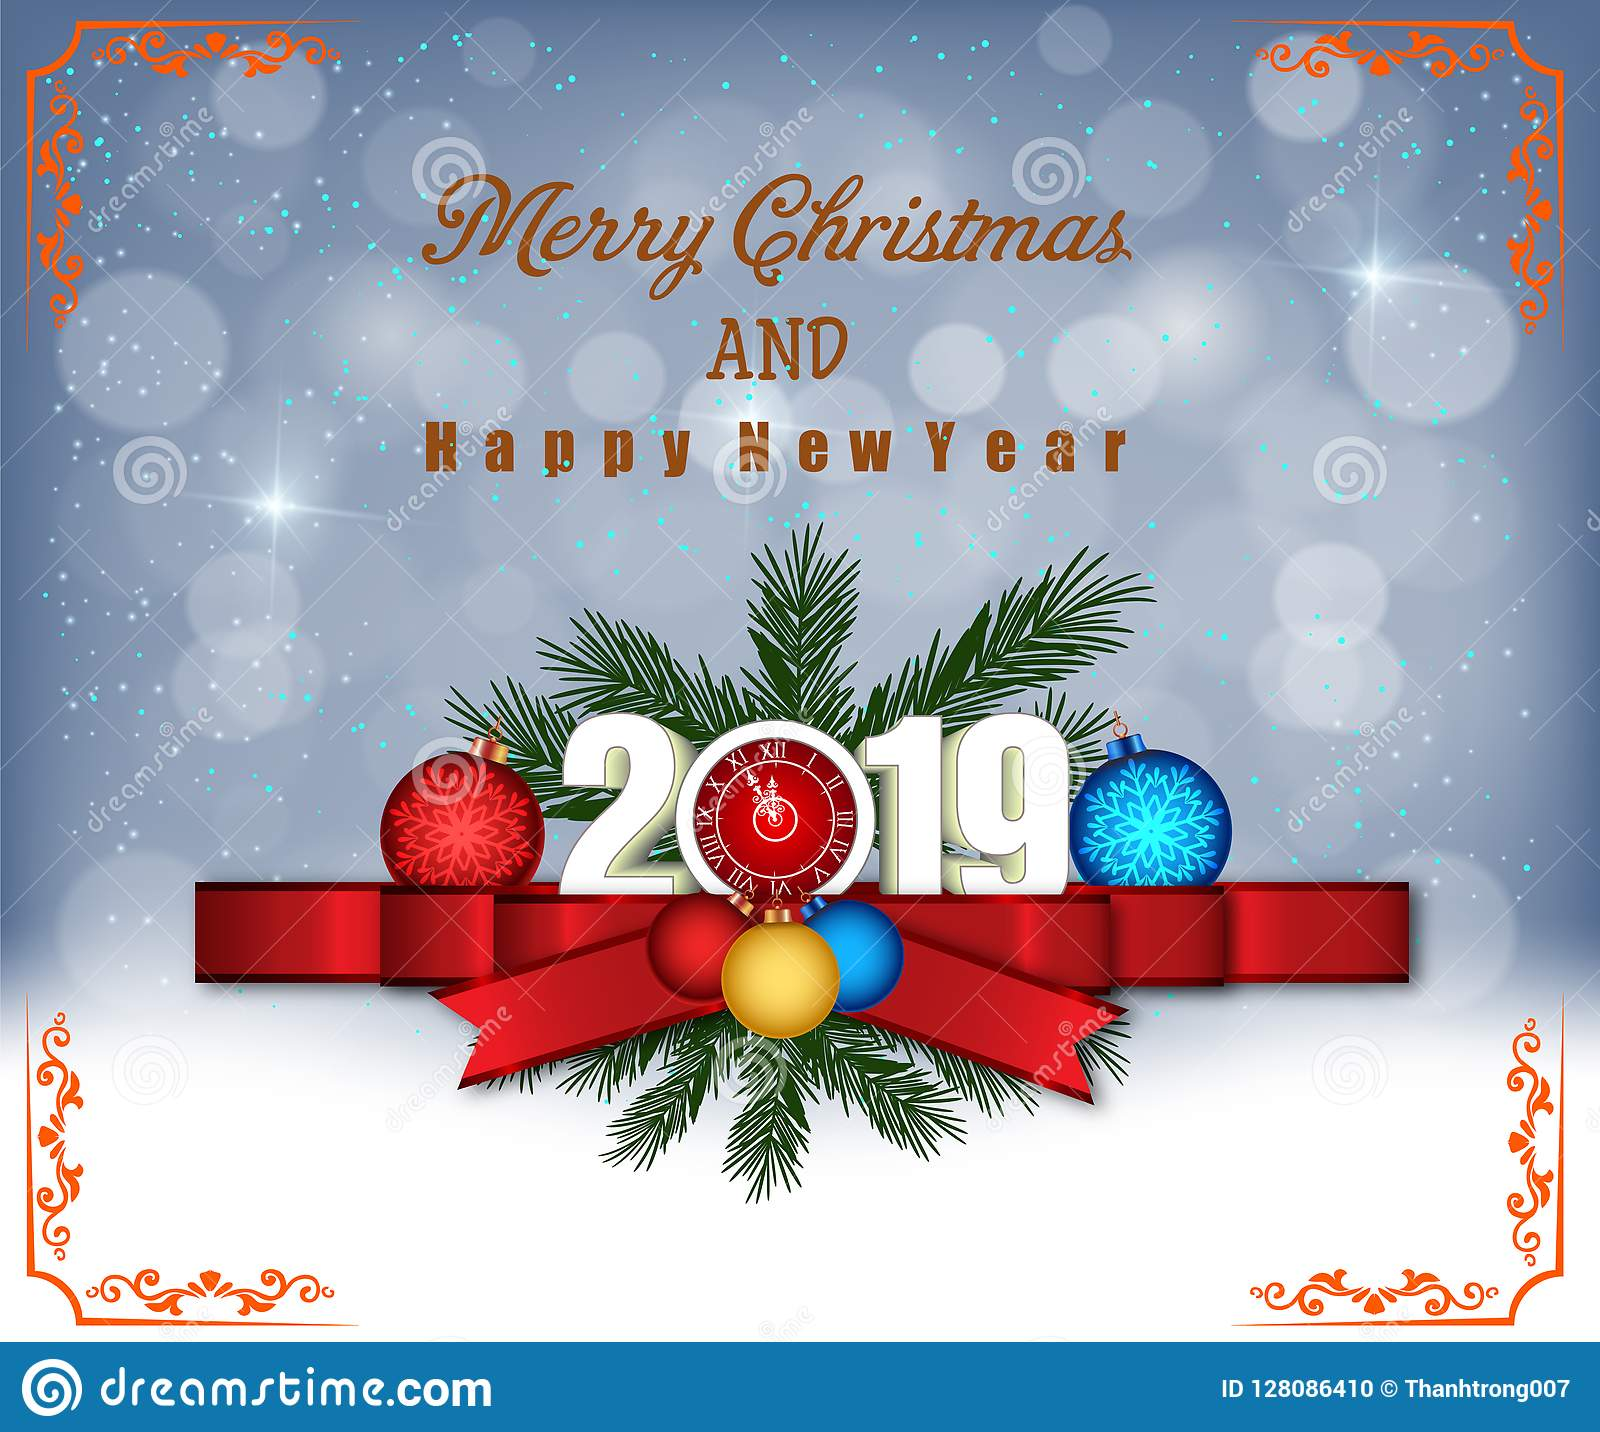 Frohe Weihnachten Und Guten Rutsch In Neues Jahr.Frohe Weihnachten Und Guten Rutsch Ins Neue Jahr 2019 Vektor